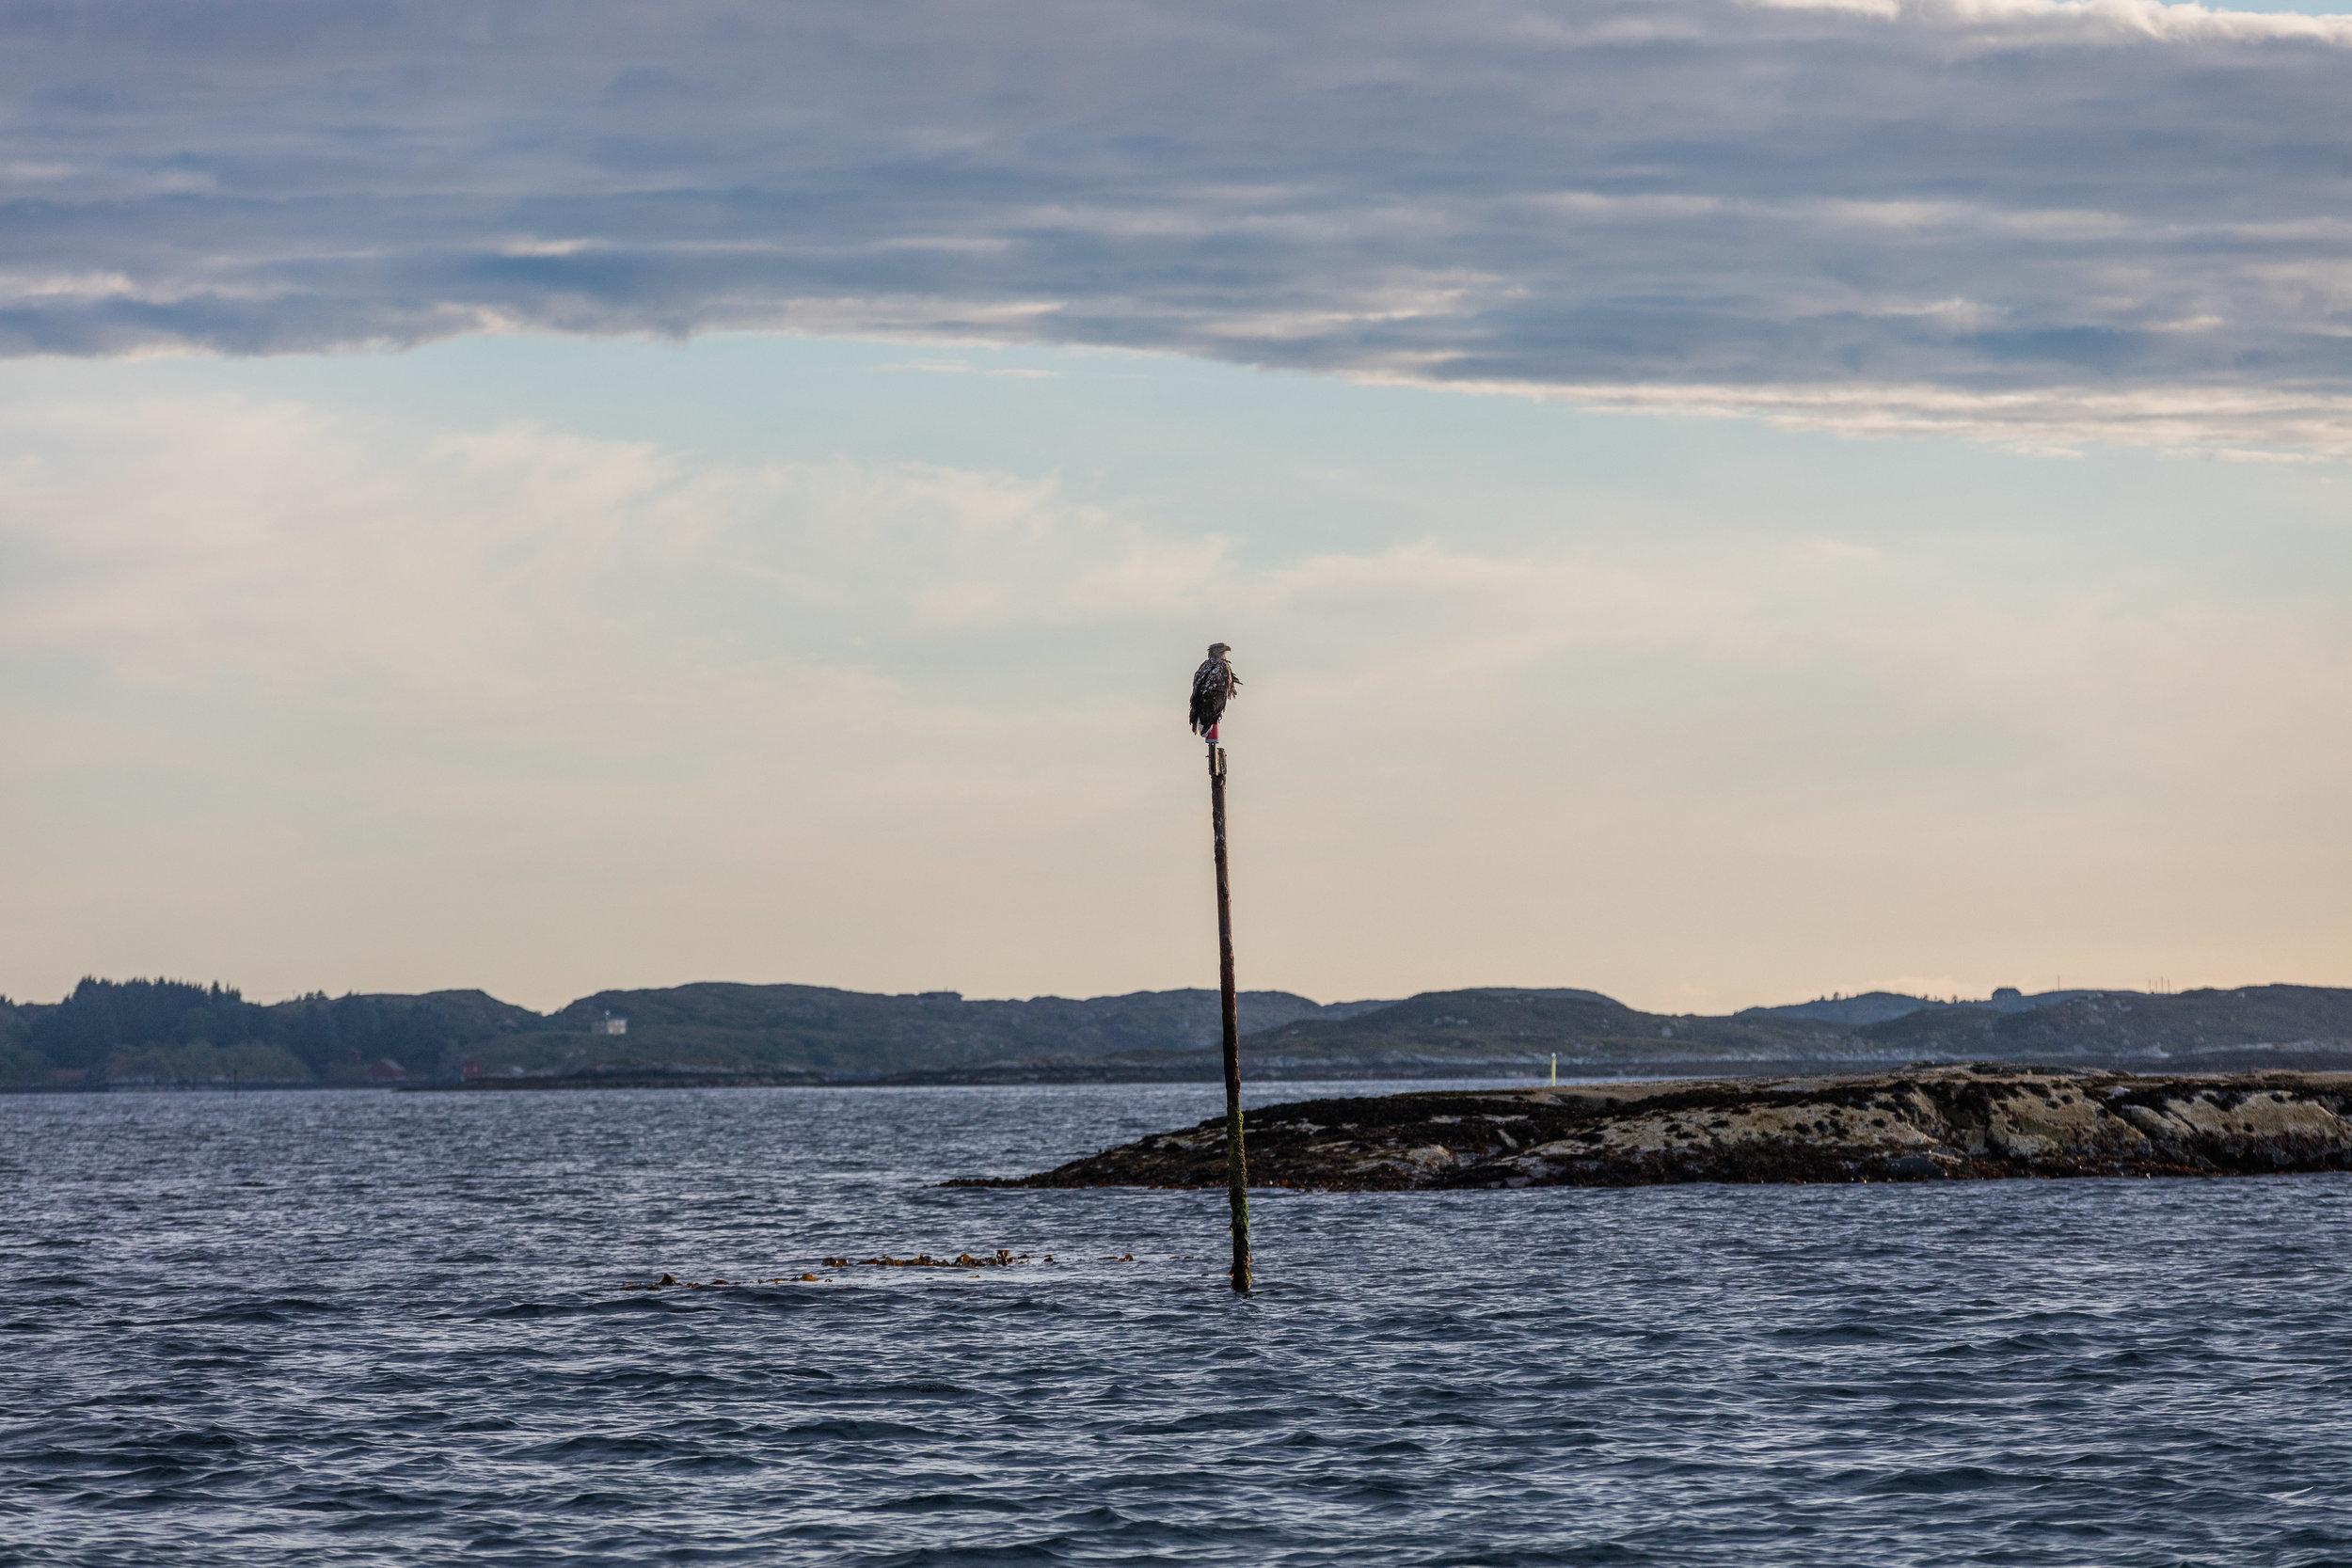 Ørn-Hitra-Norge-norway-fotoknoff-sven-erik-knoff-1109.jpg